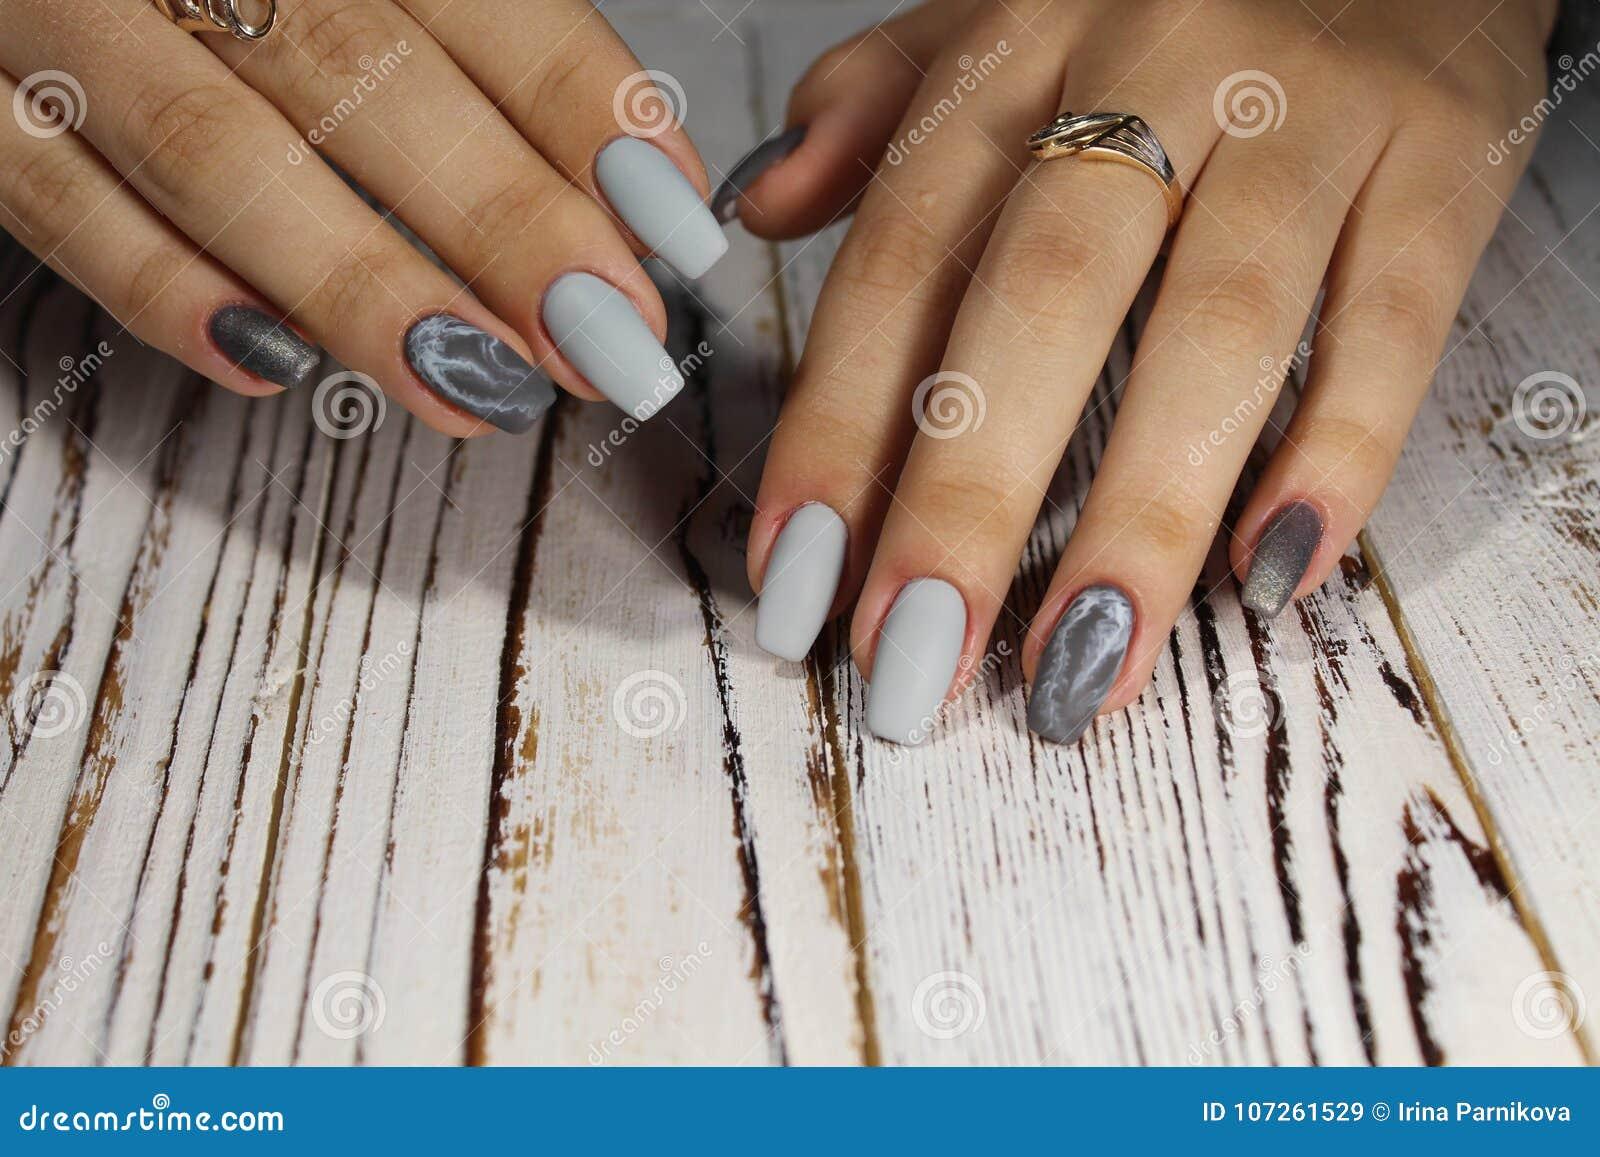 Idée Pour La Manucure Image Stock Image Du Couleur 107261529